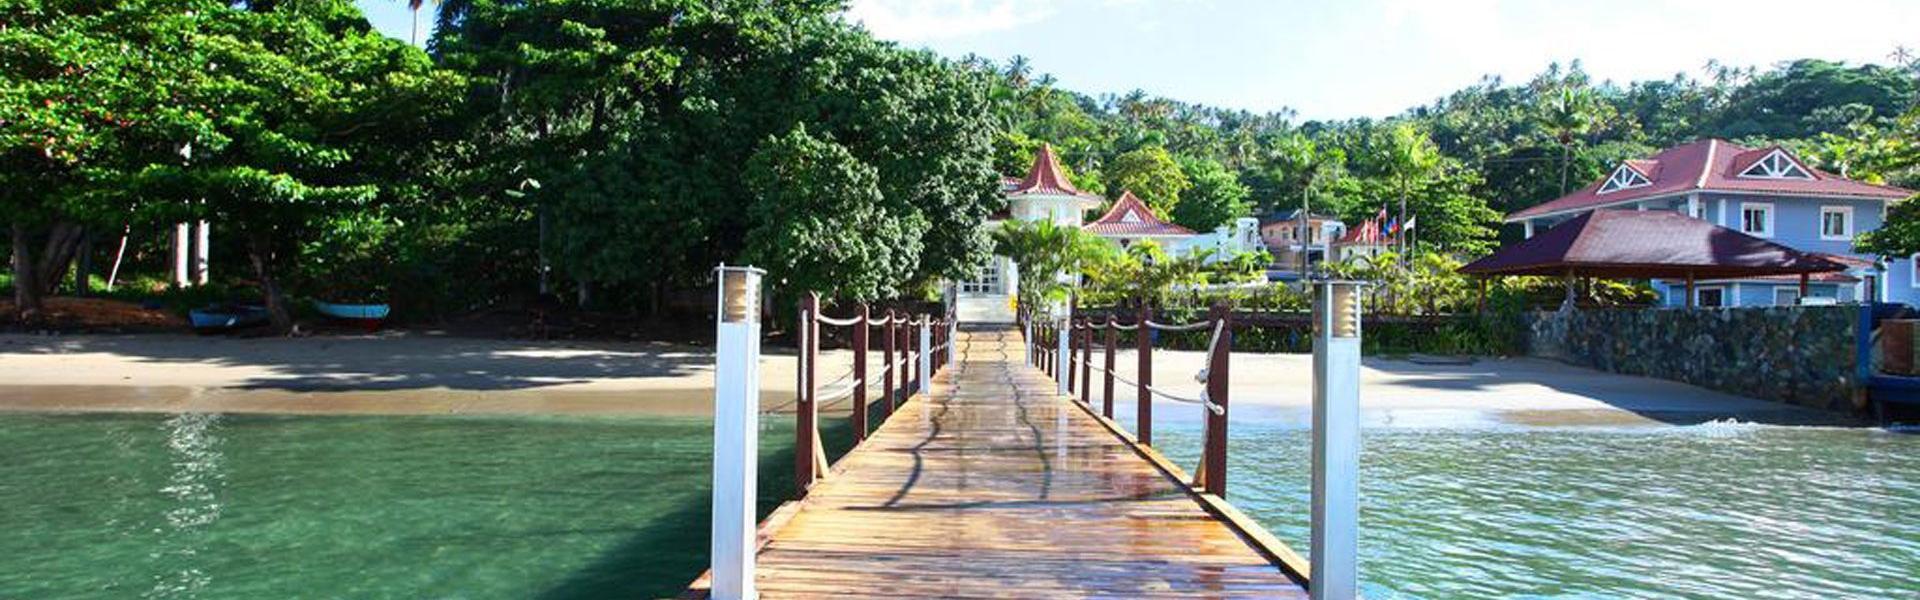 Luxury Bahia Principe Cayo Levantado (Dominikai utazások)